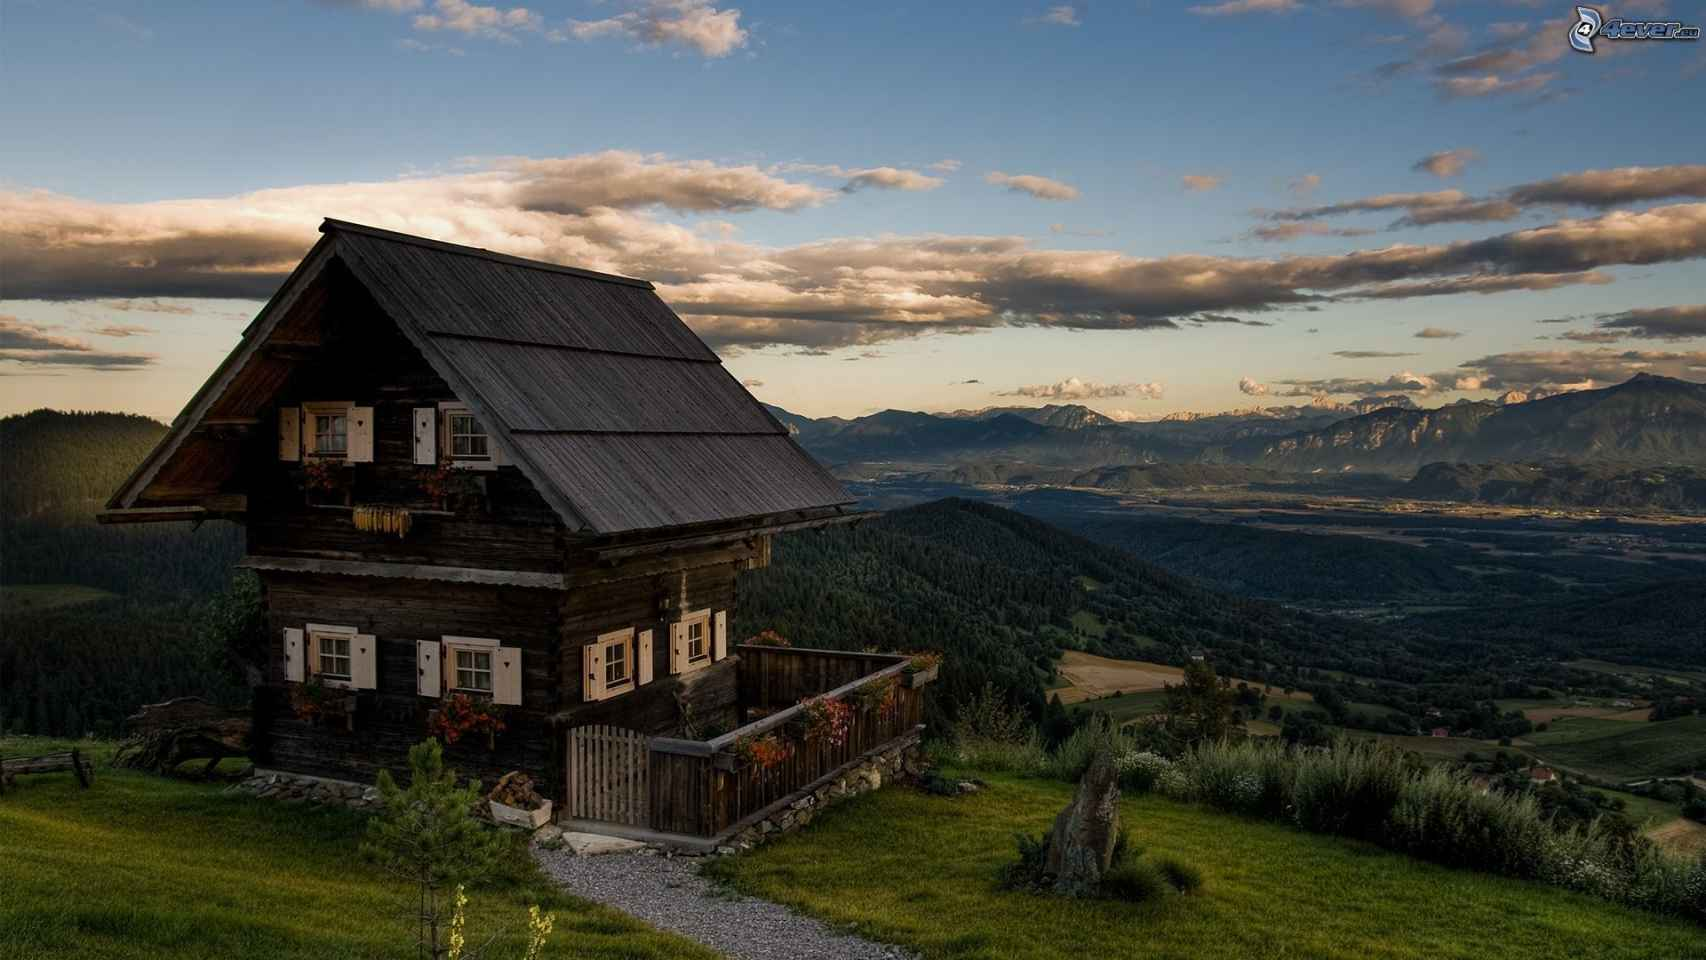 Pequeña cabaña en la montaña para disfrutar de la naturaleza.